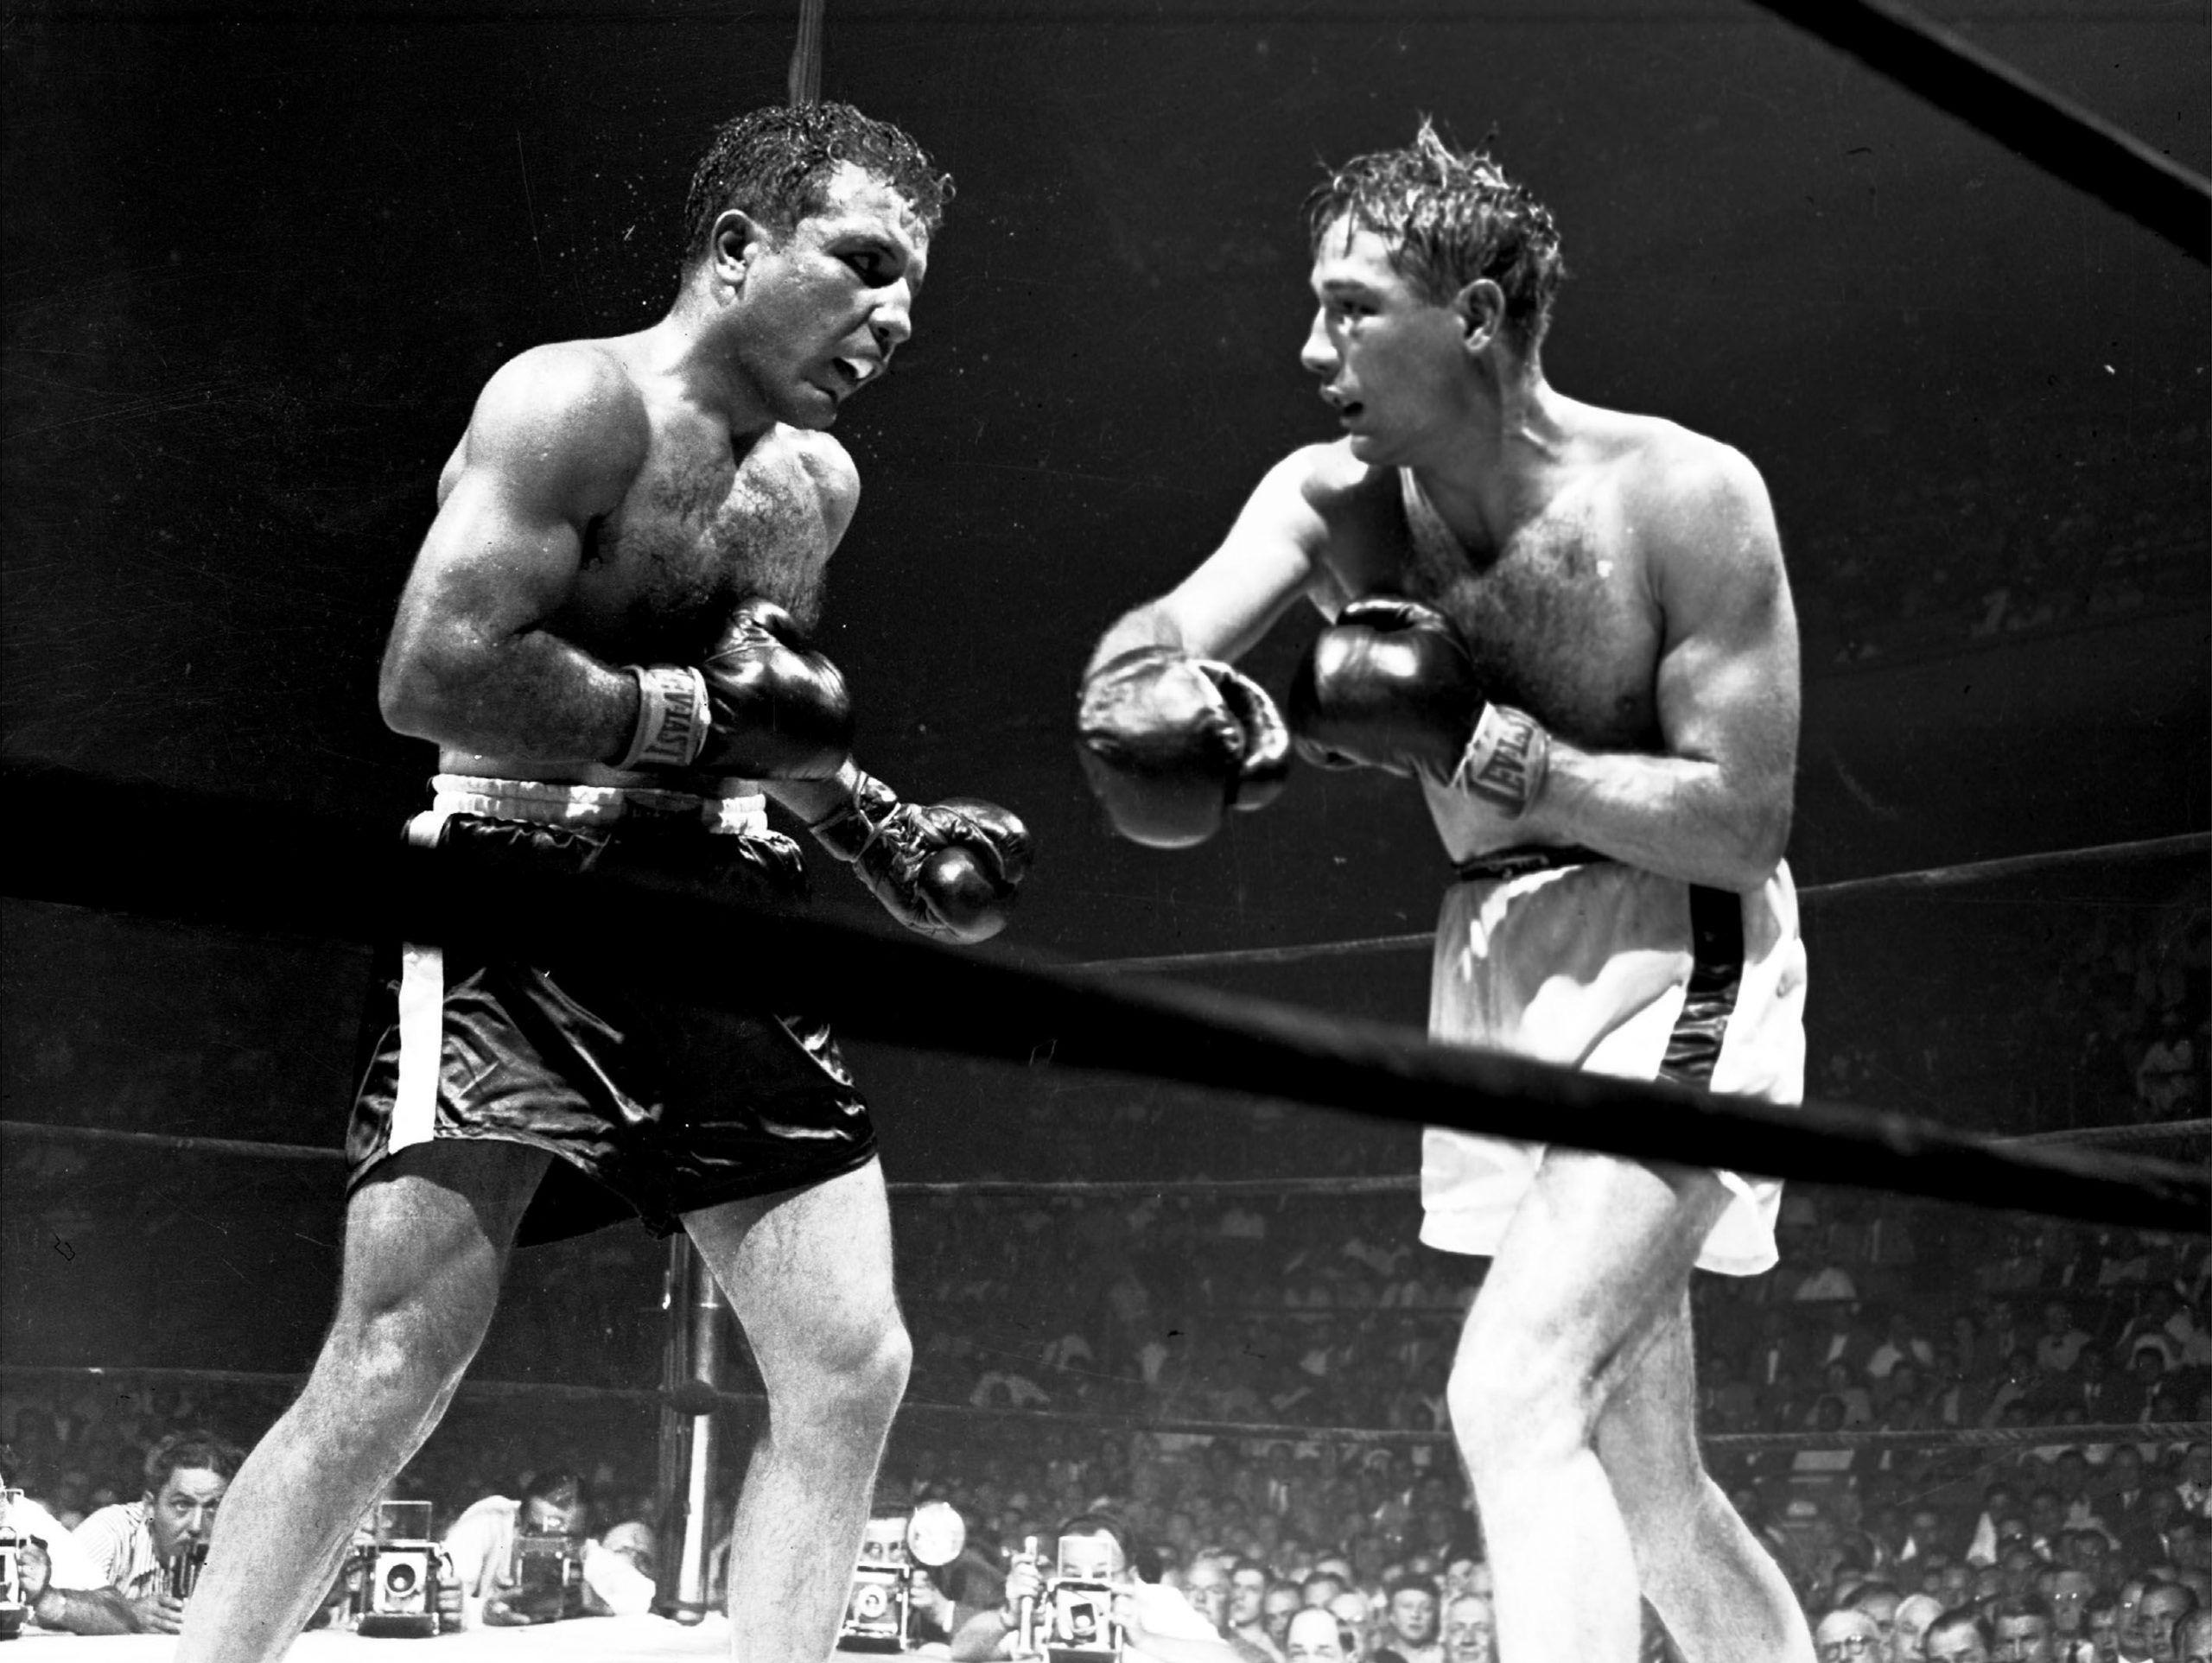 La boxe del mito, i 90 anni del 'toro scatenato' Jake La Motta /speciale